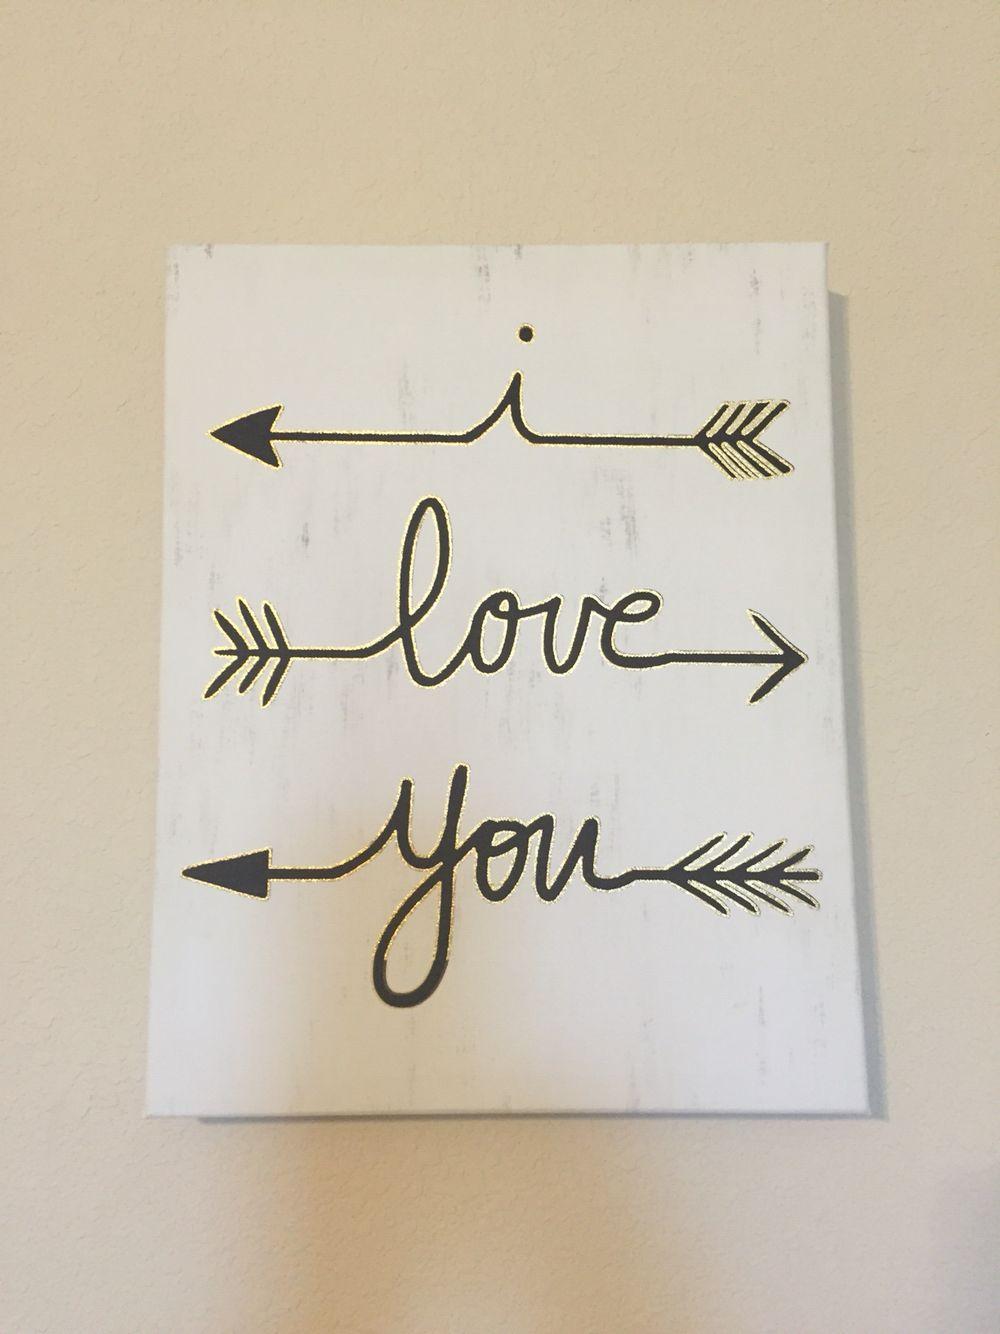 I love you arrow wall art purchased at hobby lobby wall decor